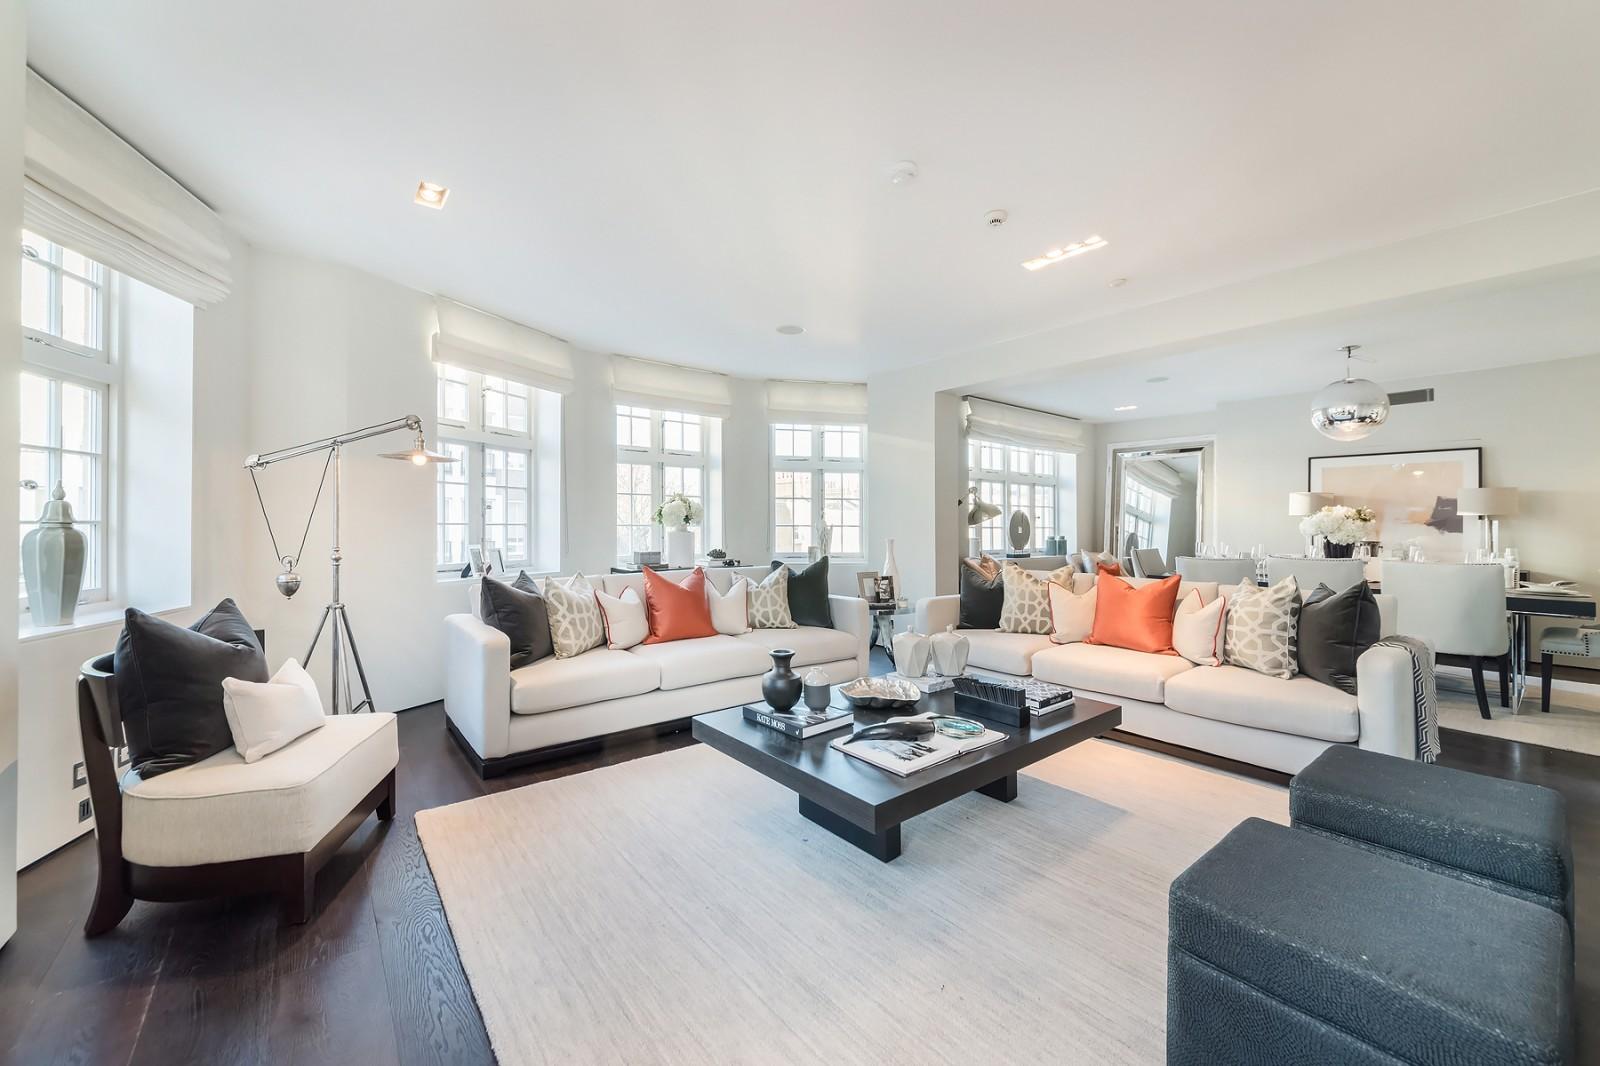 διαμερίσματα για την Ενοίκιο στο Eaton Mansions, Cliveden Place, Belgravia, London, SW1W Belgravia, London, Αγγλια